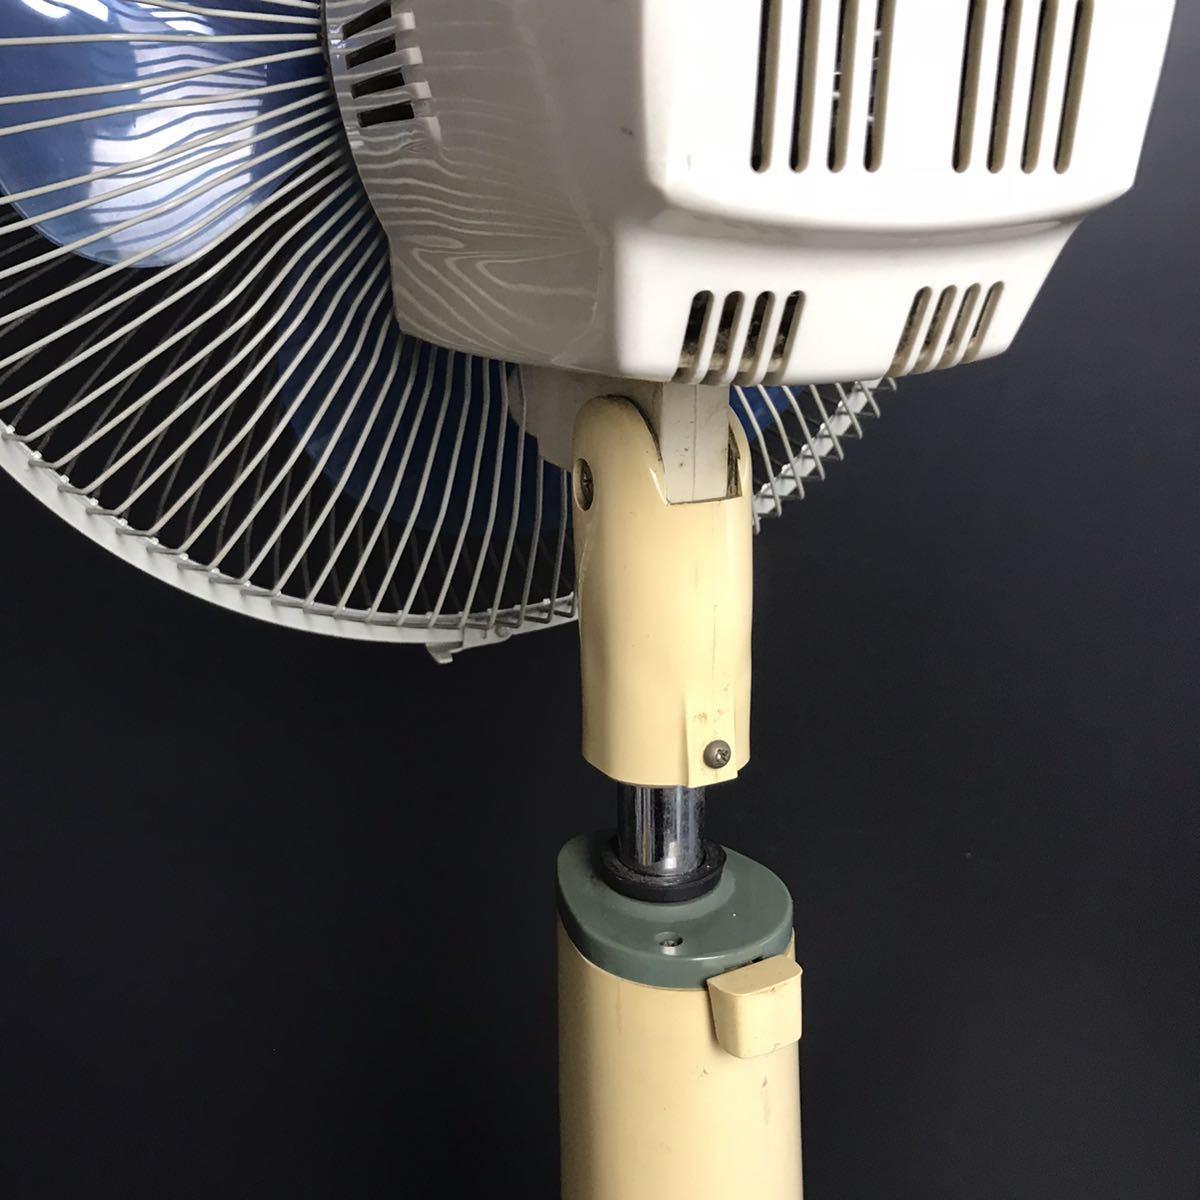 [J863] 金星社 30cm 座敷扇 扇風機 ブルー MF-30L 3枚羽 昭和レトロ アンティーク 古民家 シャビー 家電 動作確認済 難あり_画像8